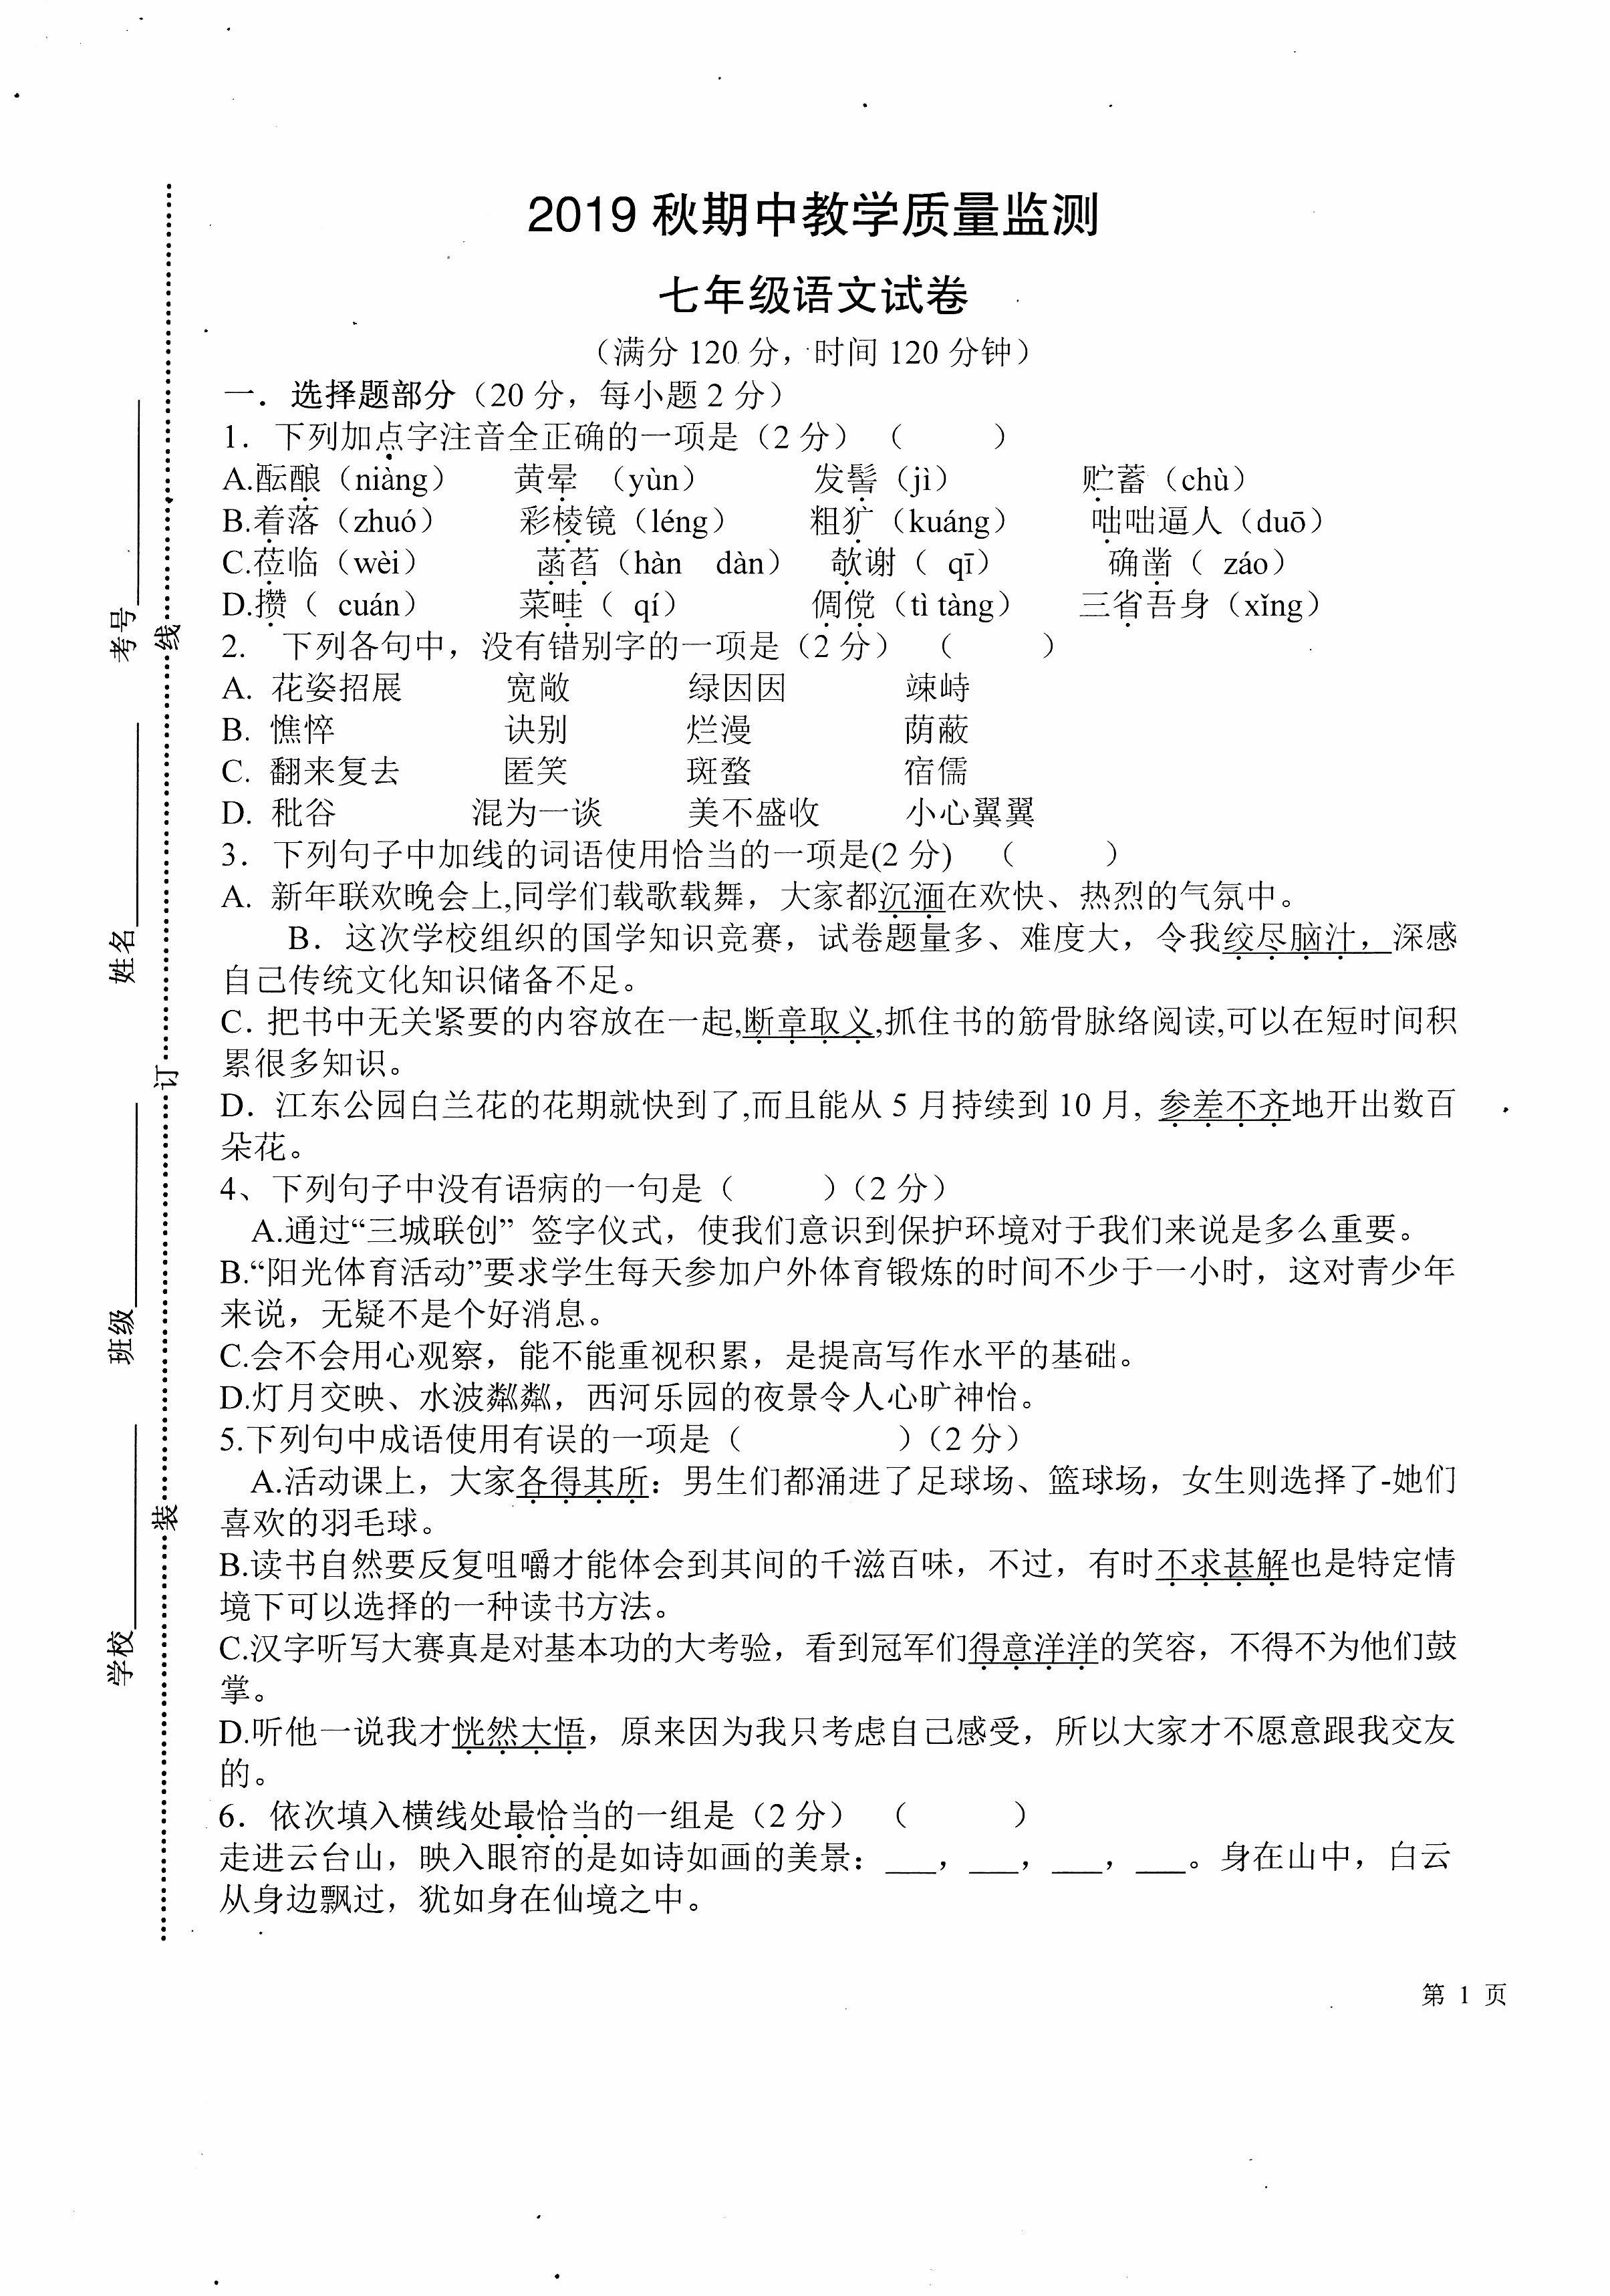 2019-2020四川南充市七年级语文上册期中试题含答案